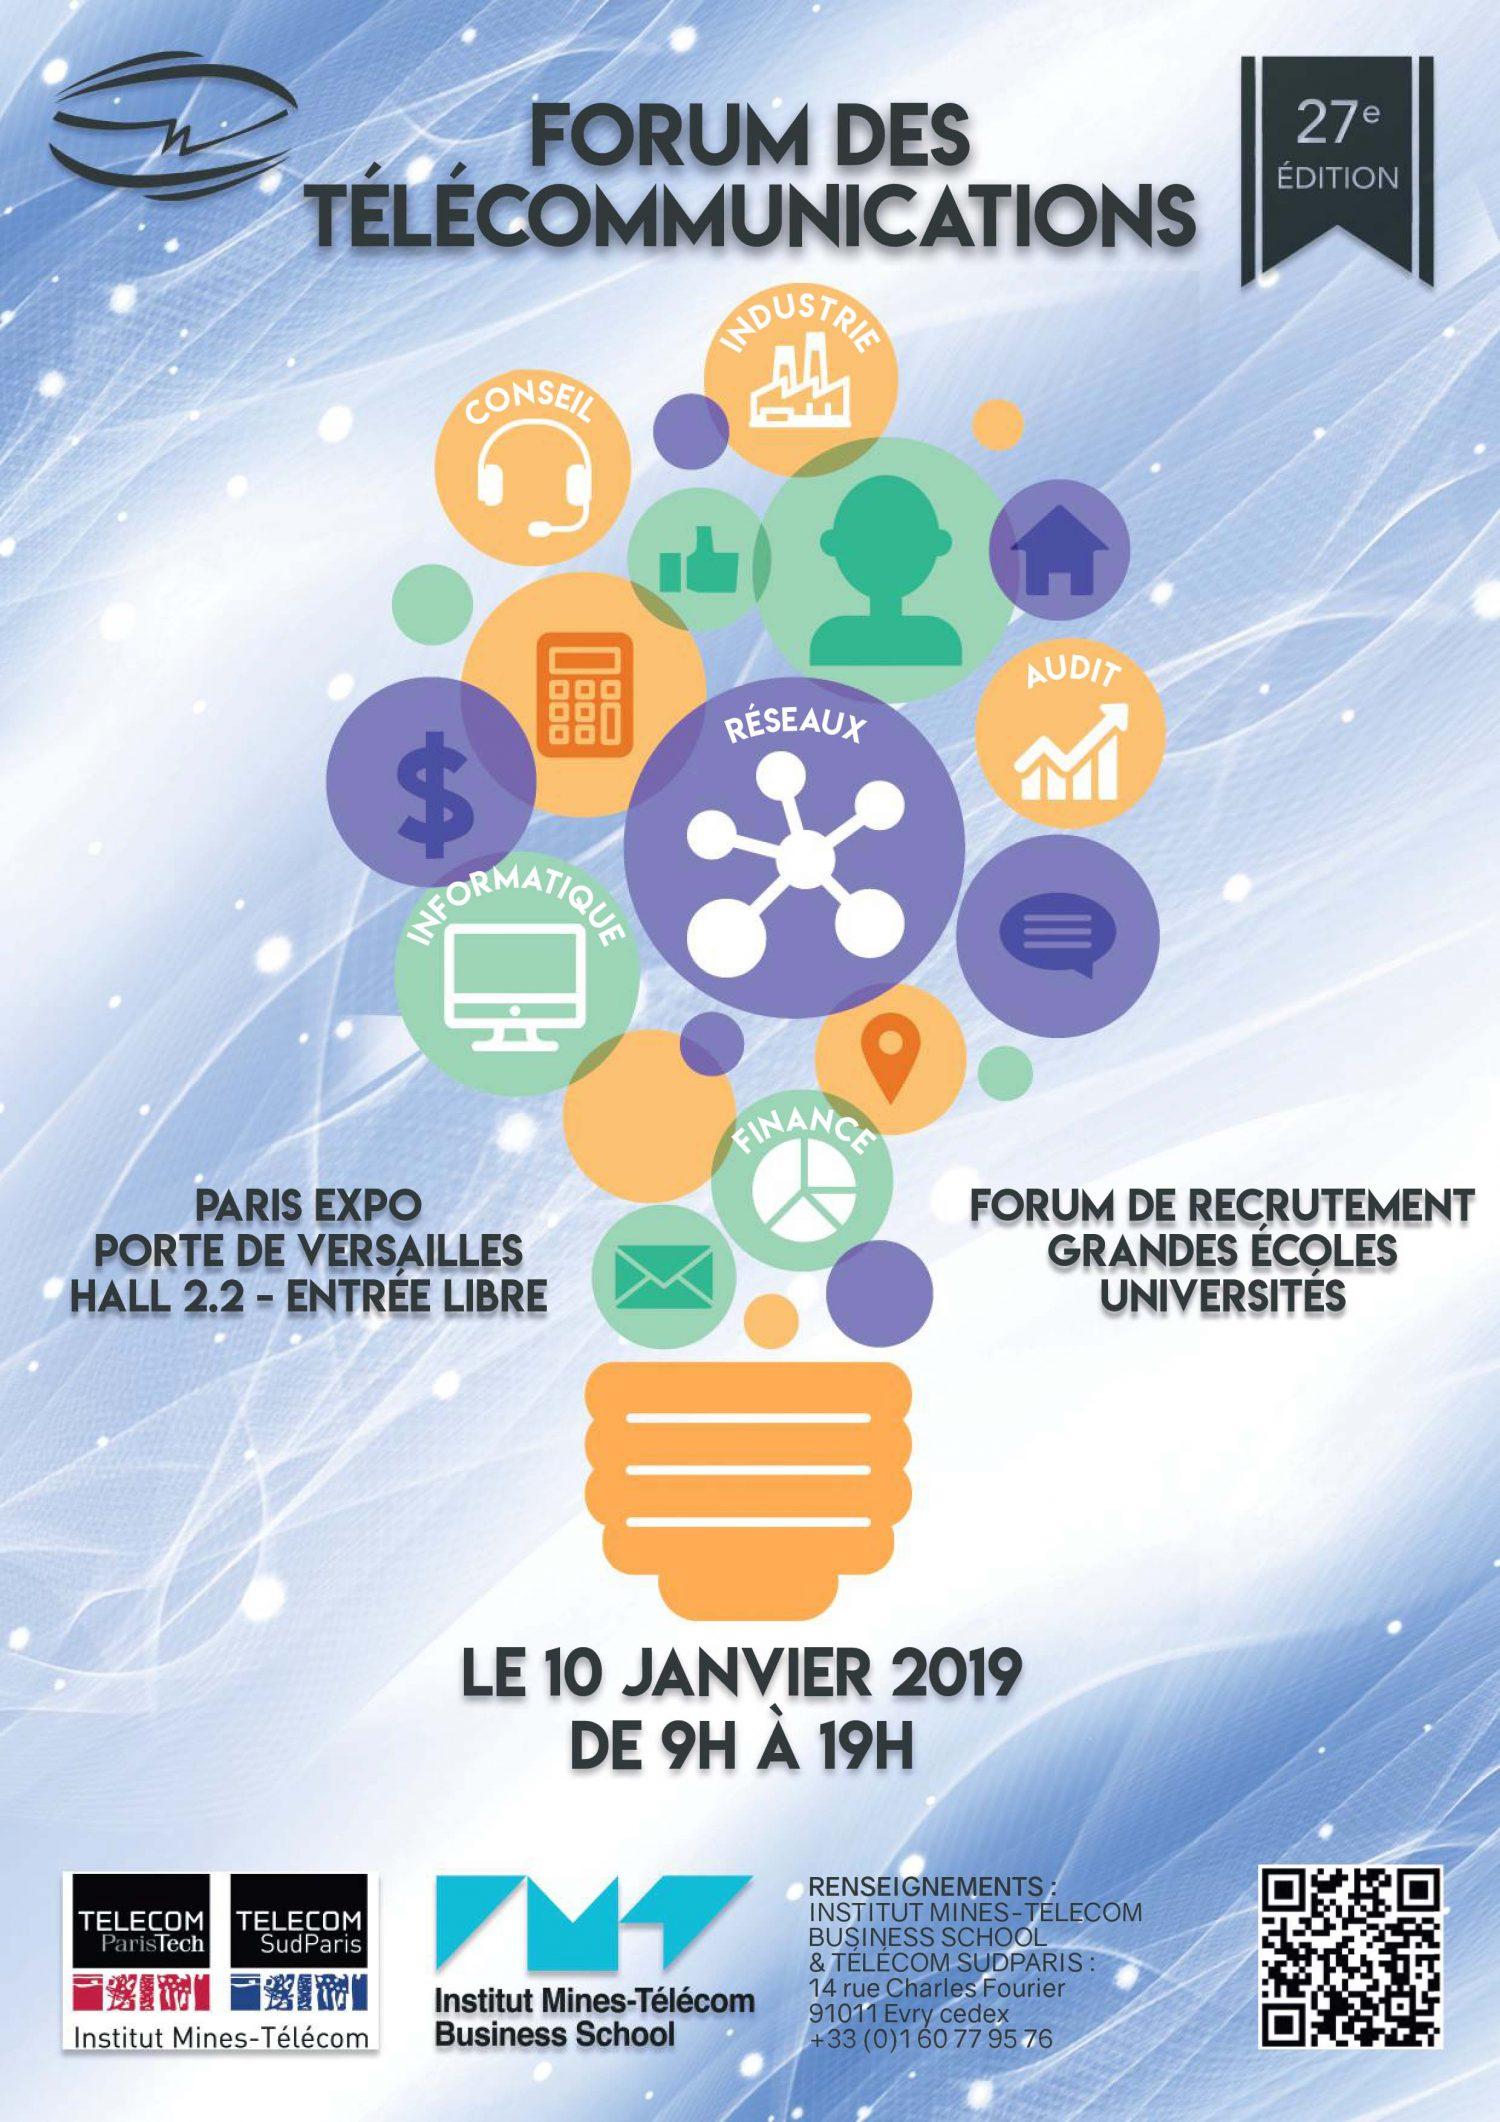 Télécom ParisTech, Télécom SudParis et Institut Mines-Télécom Business School présentent la 27e édition du Forum des Télécommunications